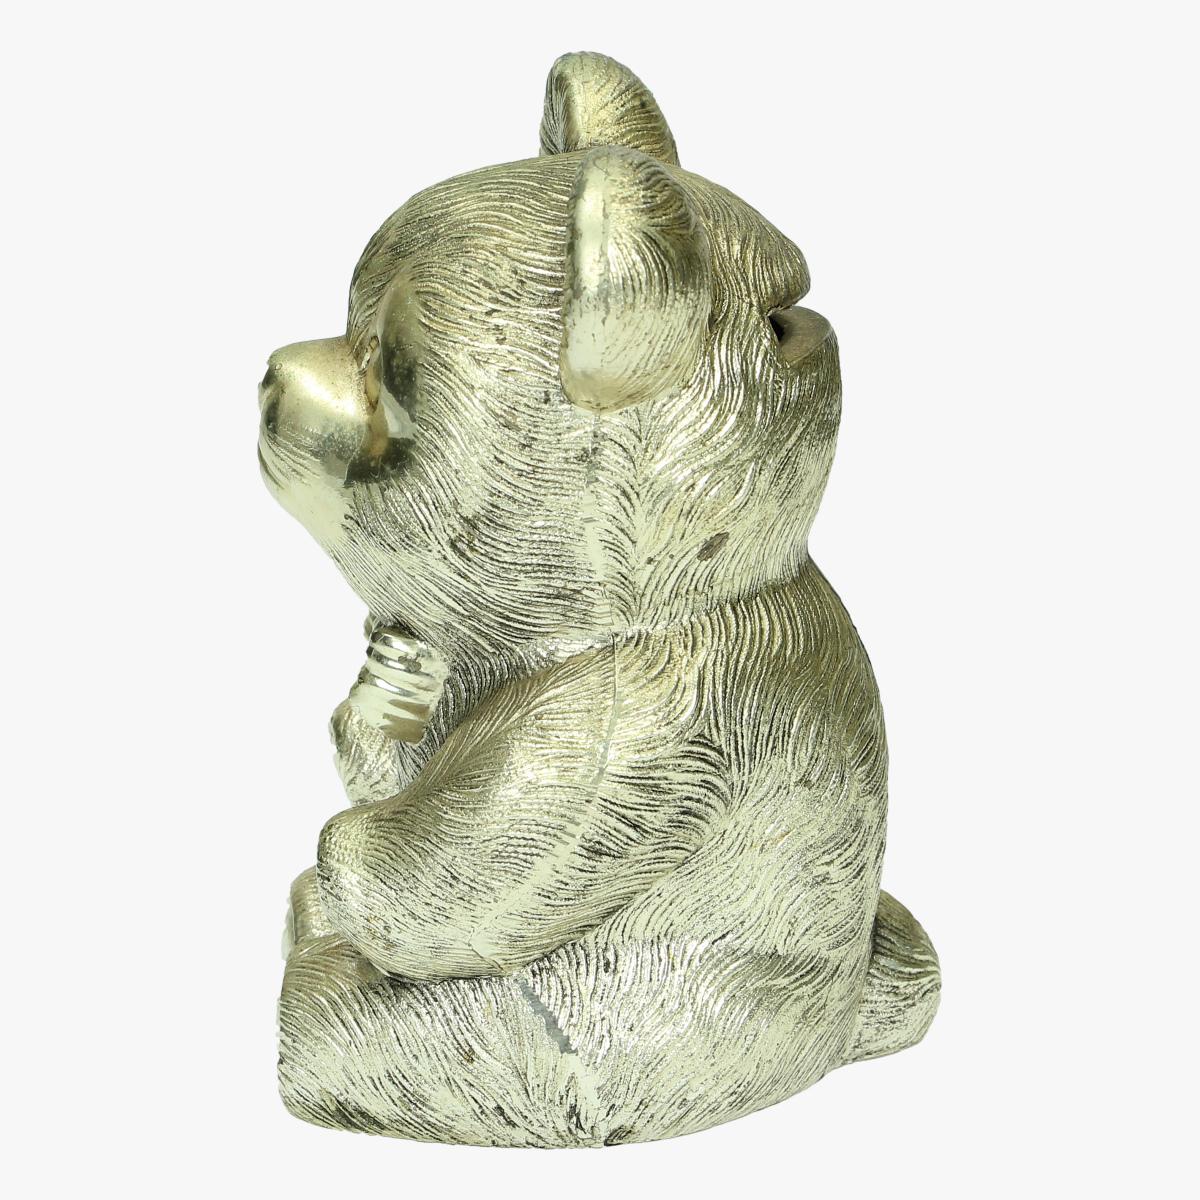 Afbeeldingen van spaarpot beertje messing